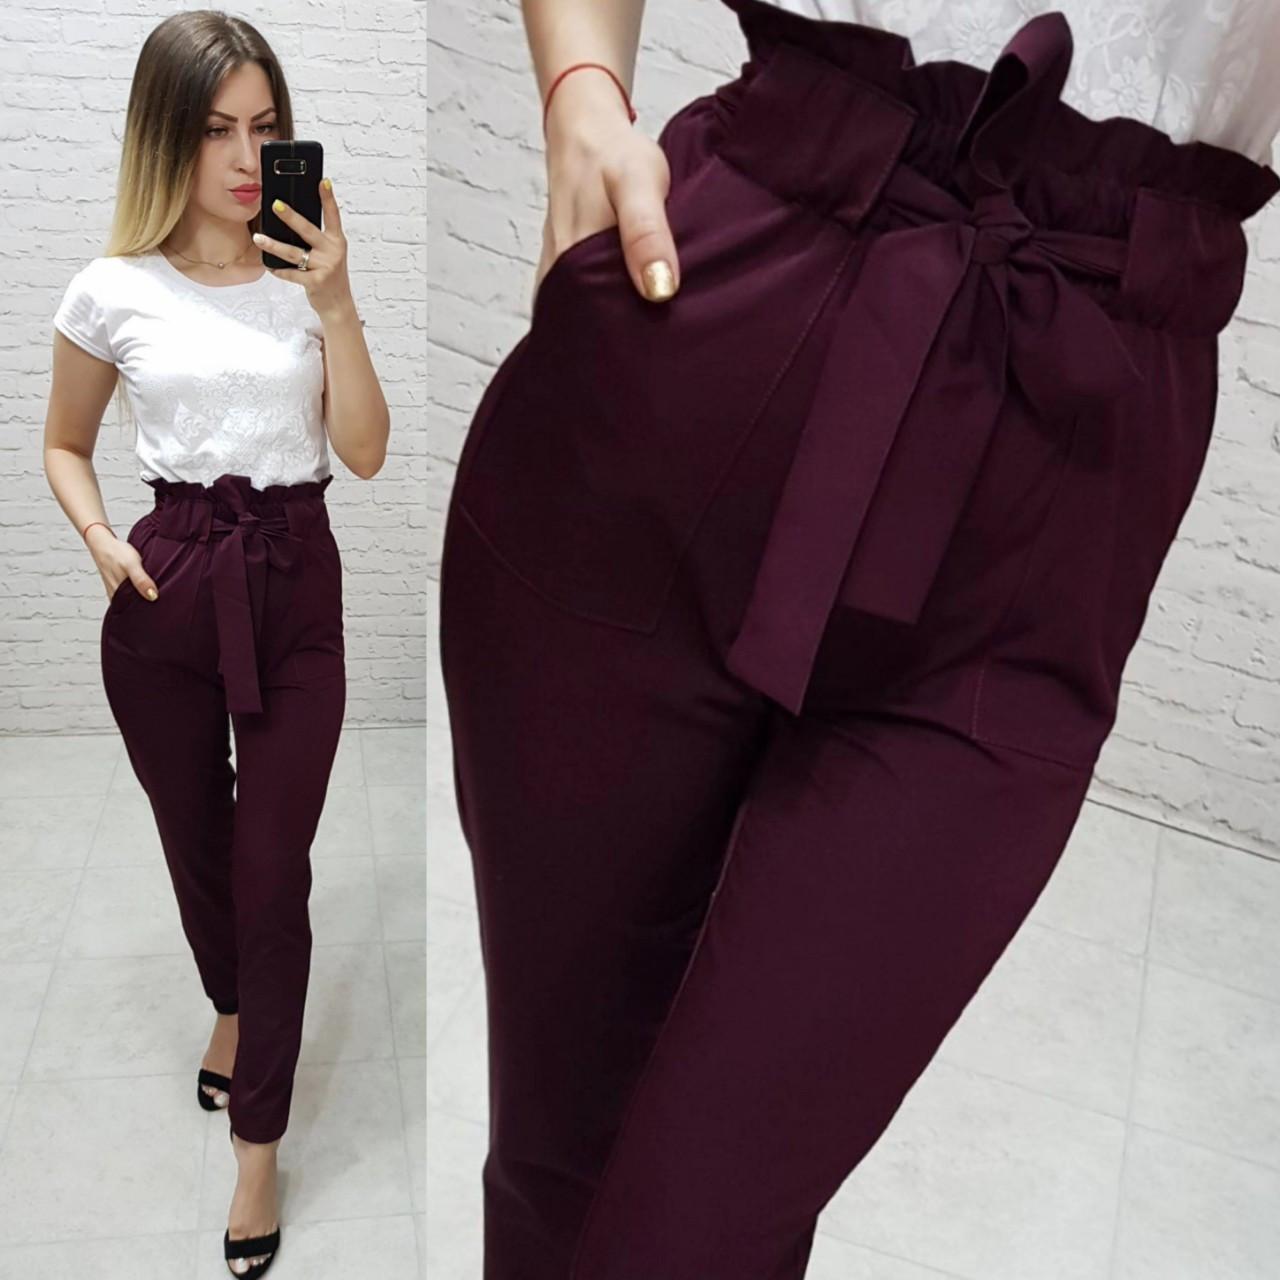 Жіночі брюки з високою посадкою і поясом, арт 168, колір марсала